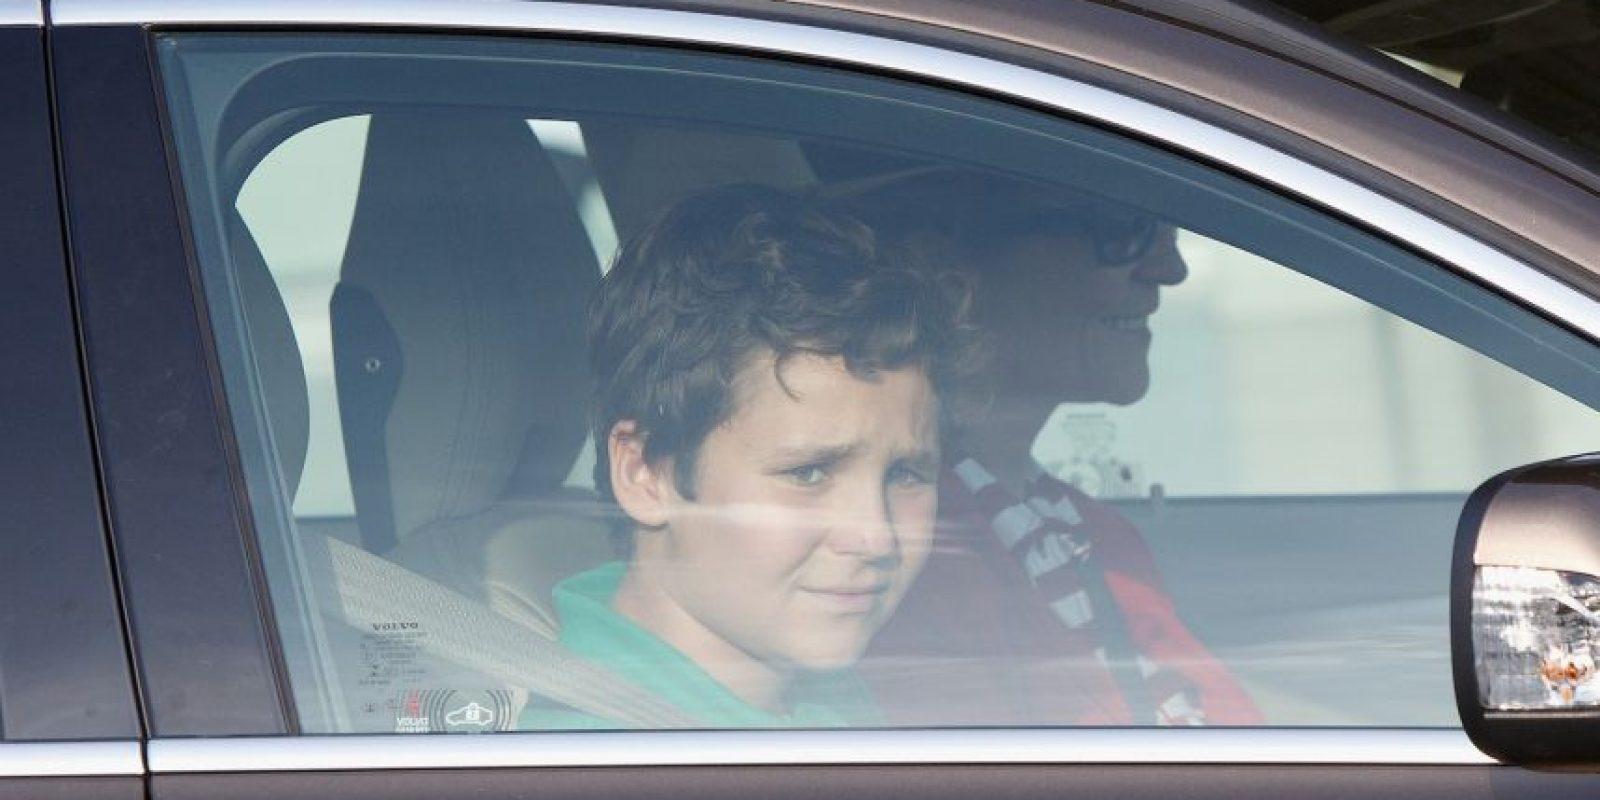 5. En 2012 se disparó en un pie con una escopeta. Según el periódico español El País, este tenía 13 años cuando sucedió el accidente, y utilizó una escopeta que no era apta para menores de 14 años. Foto:Getty Images